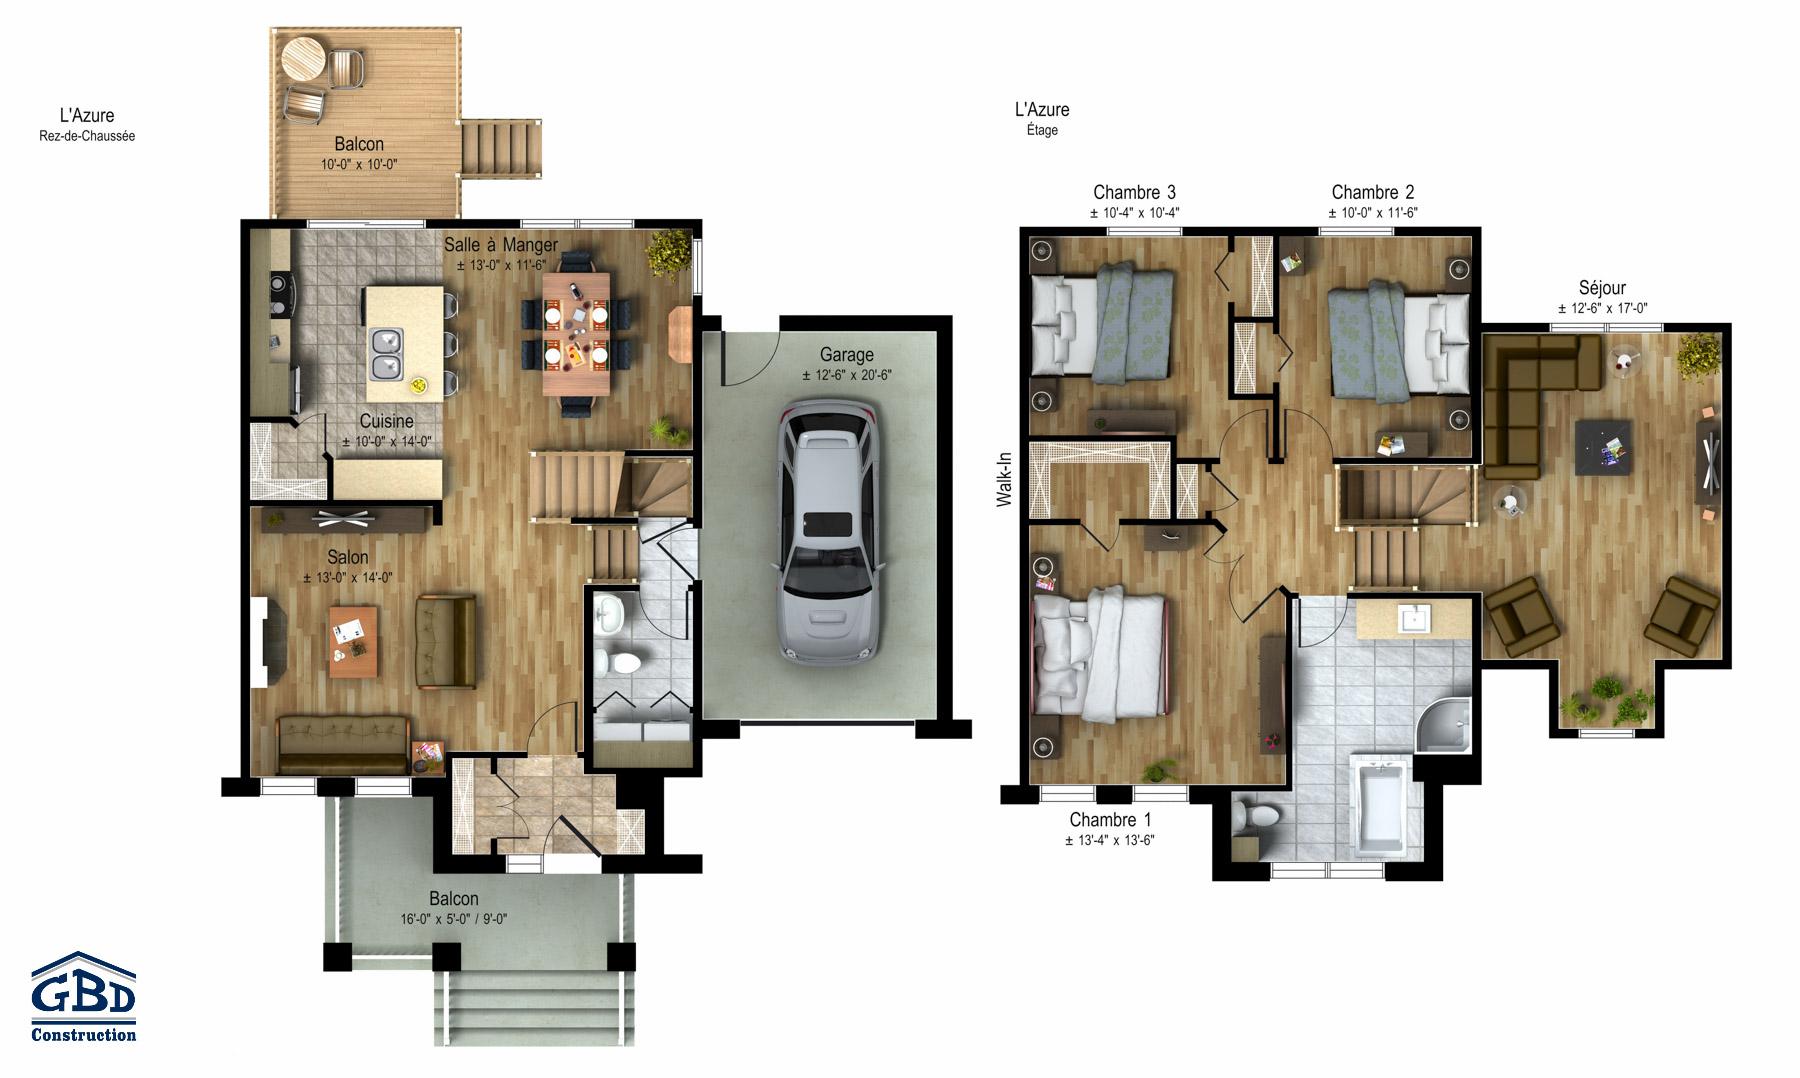 Azure maison neuve deux tages de type cottage gbd for Plan maison deux etages